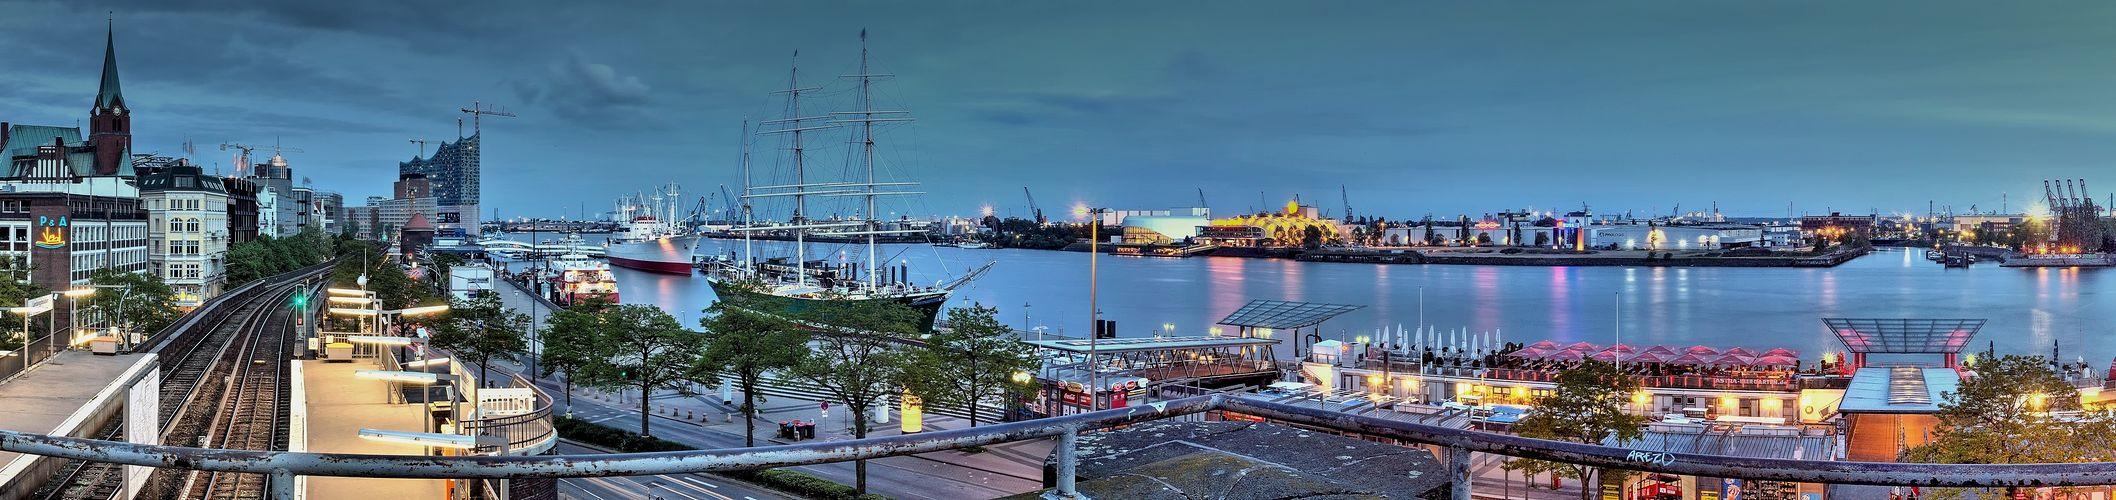 - - Blick zur Elbe - -